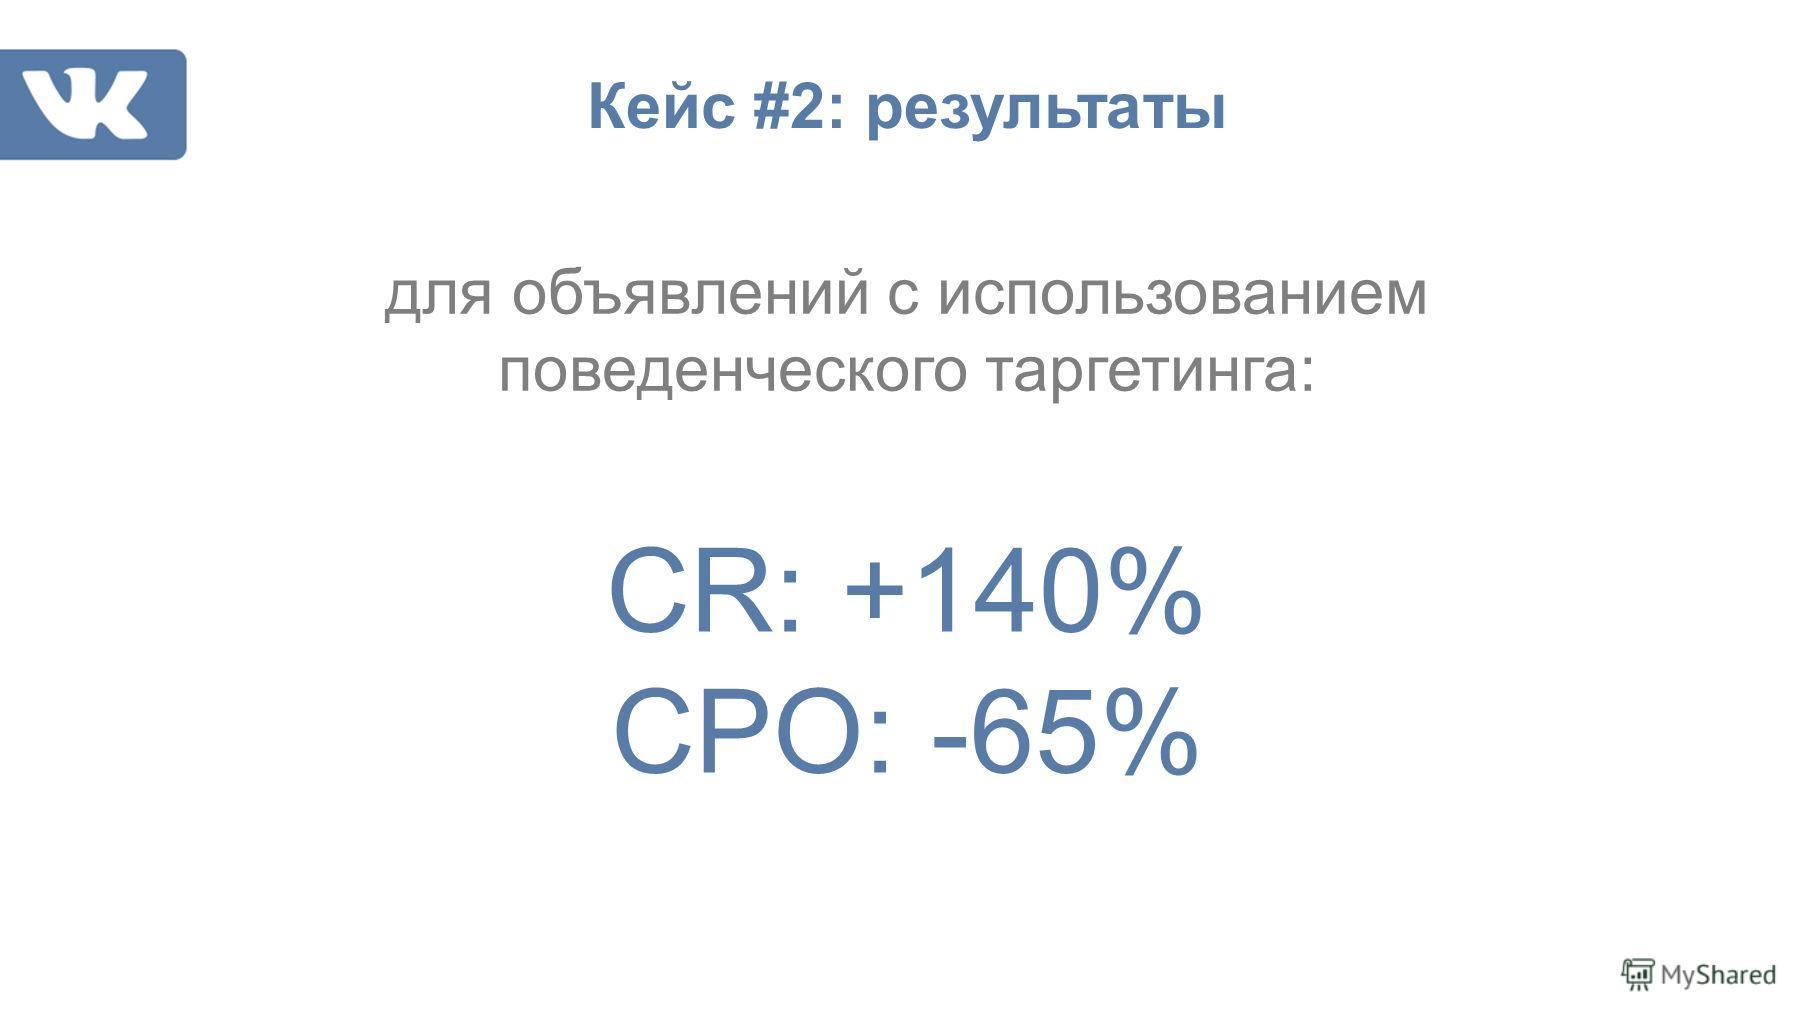 CR: +140% CPO: -65% для объявлений с использованием поведенческого таргетинга: Кейс #2: результаты